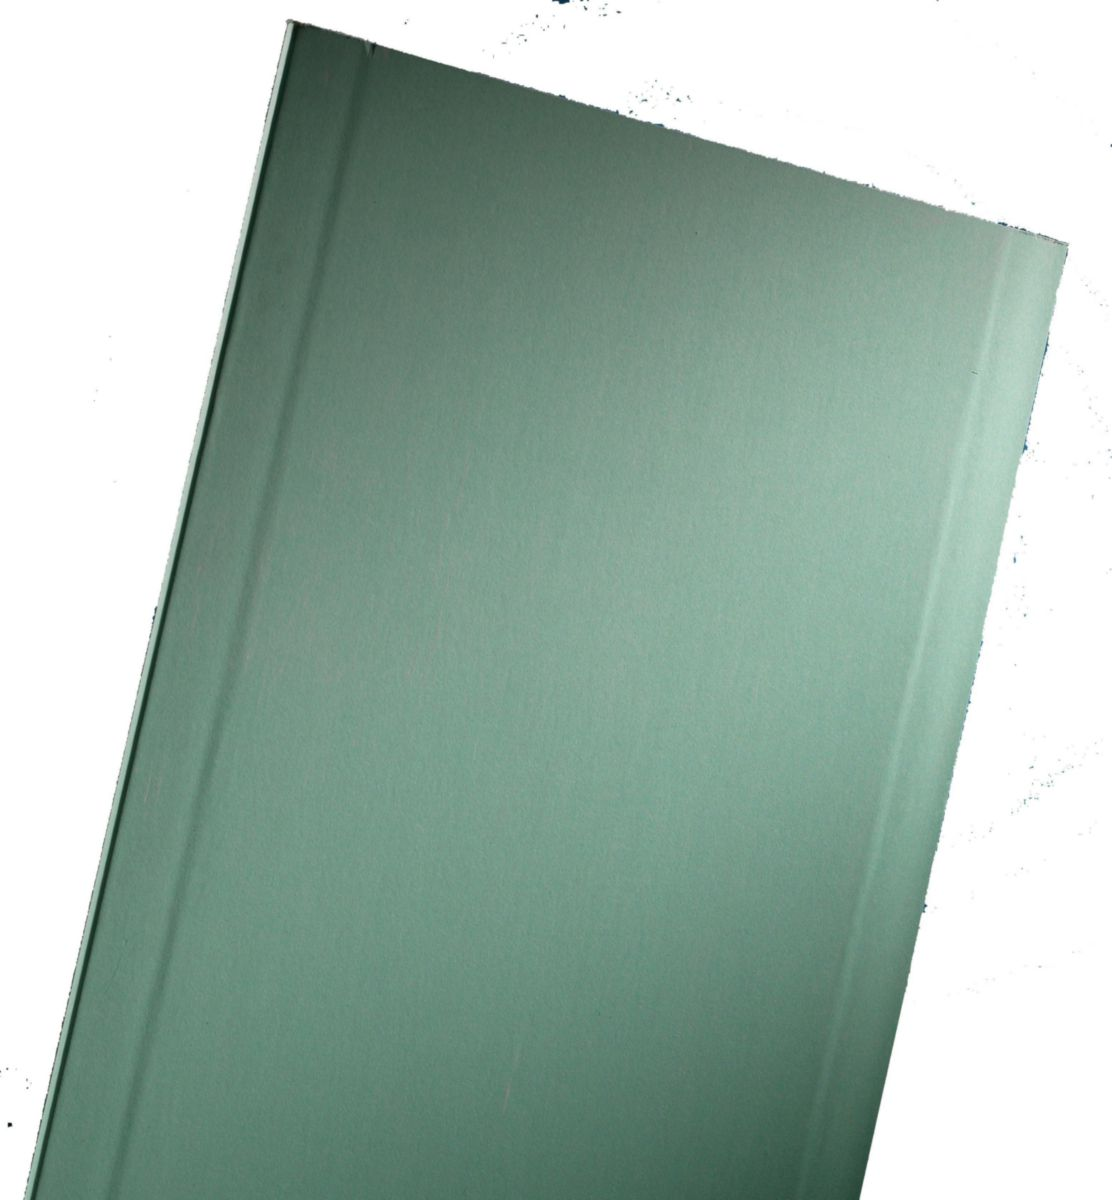 fabulous plaque de pltre knauf kh ba hydro x m p mm knauf pltre isolation ite de matriaux de. Black Bedroom Furniture Sets. Home Design Ideas